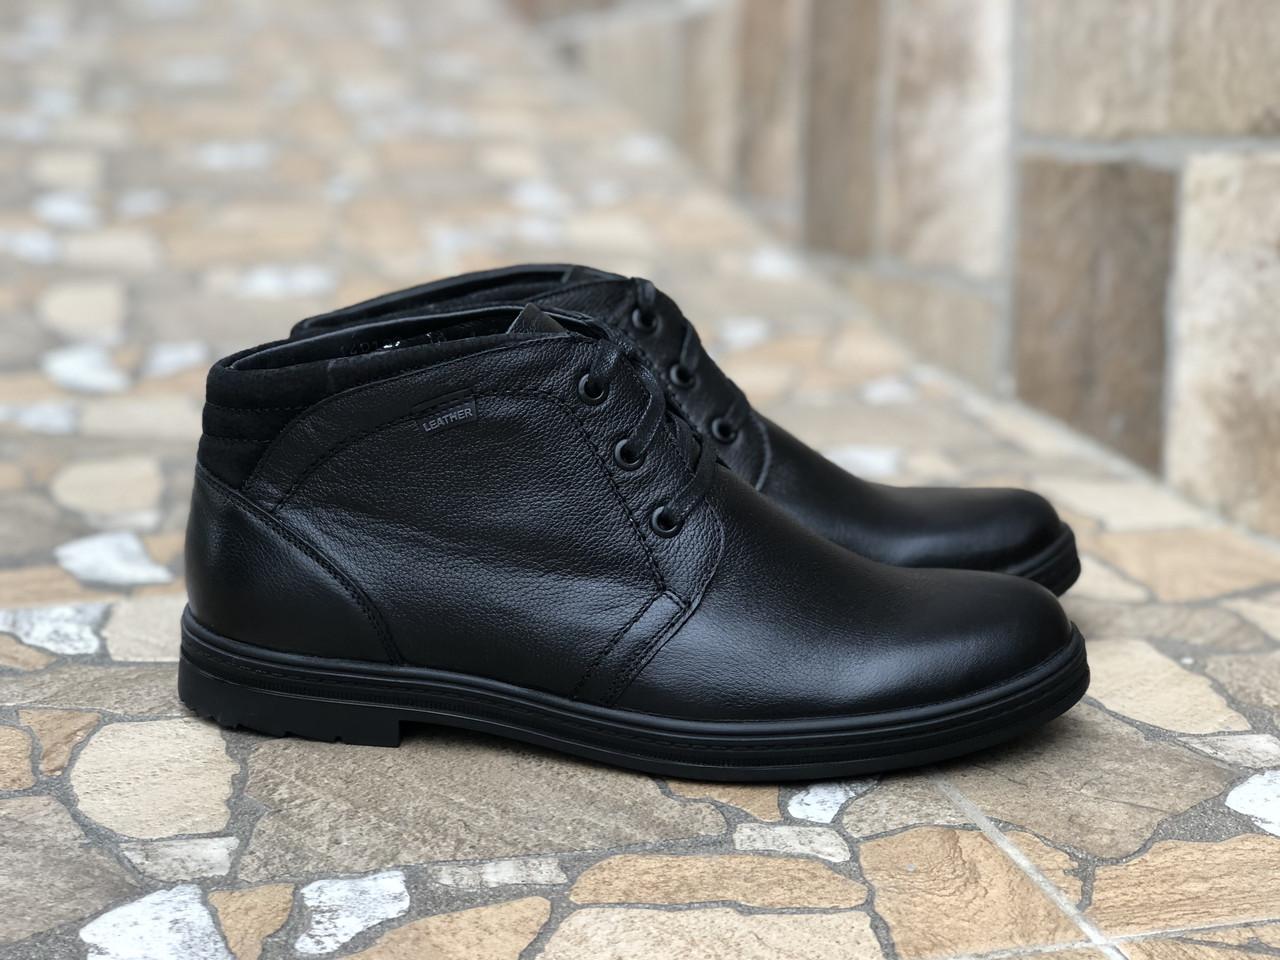 Кожаные мужские ботинки зима Mida 140129 ч/к размеры 40,41,42,43,44,45